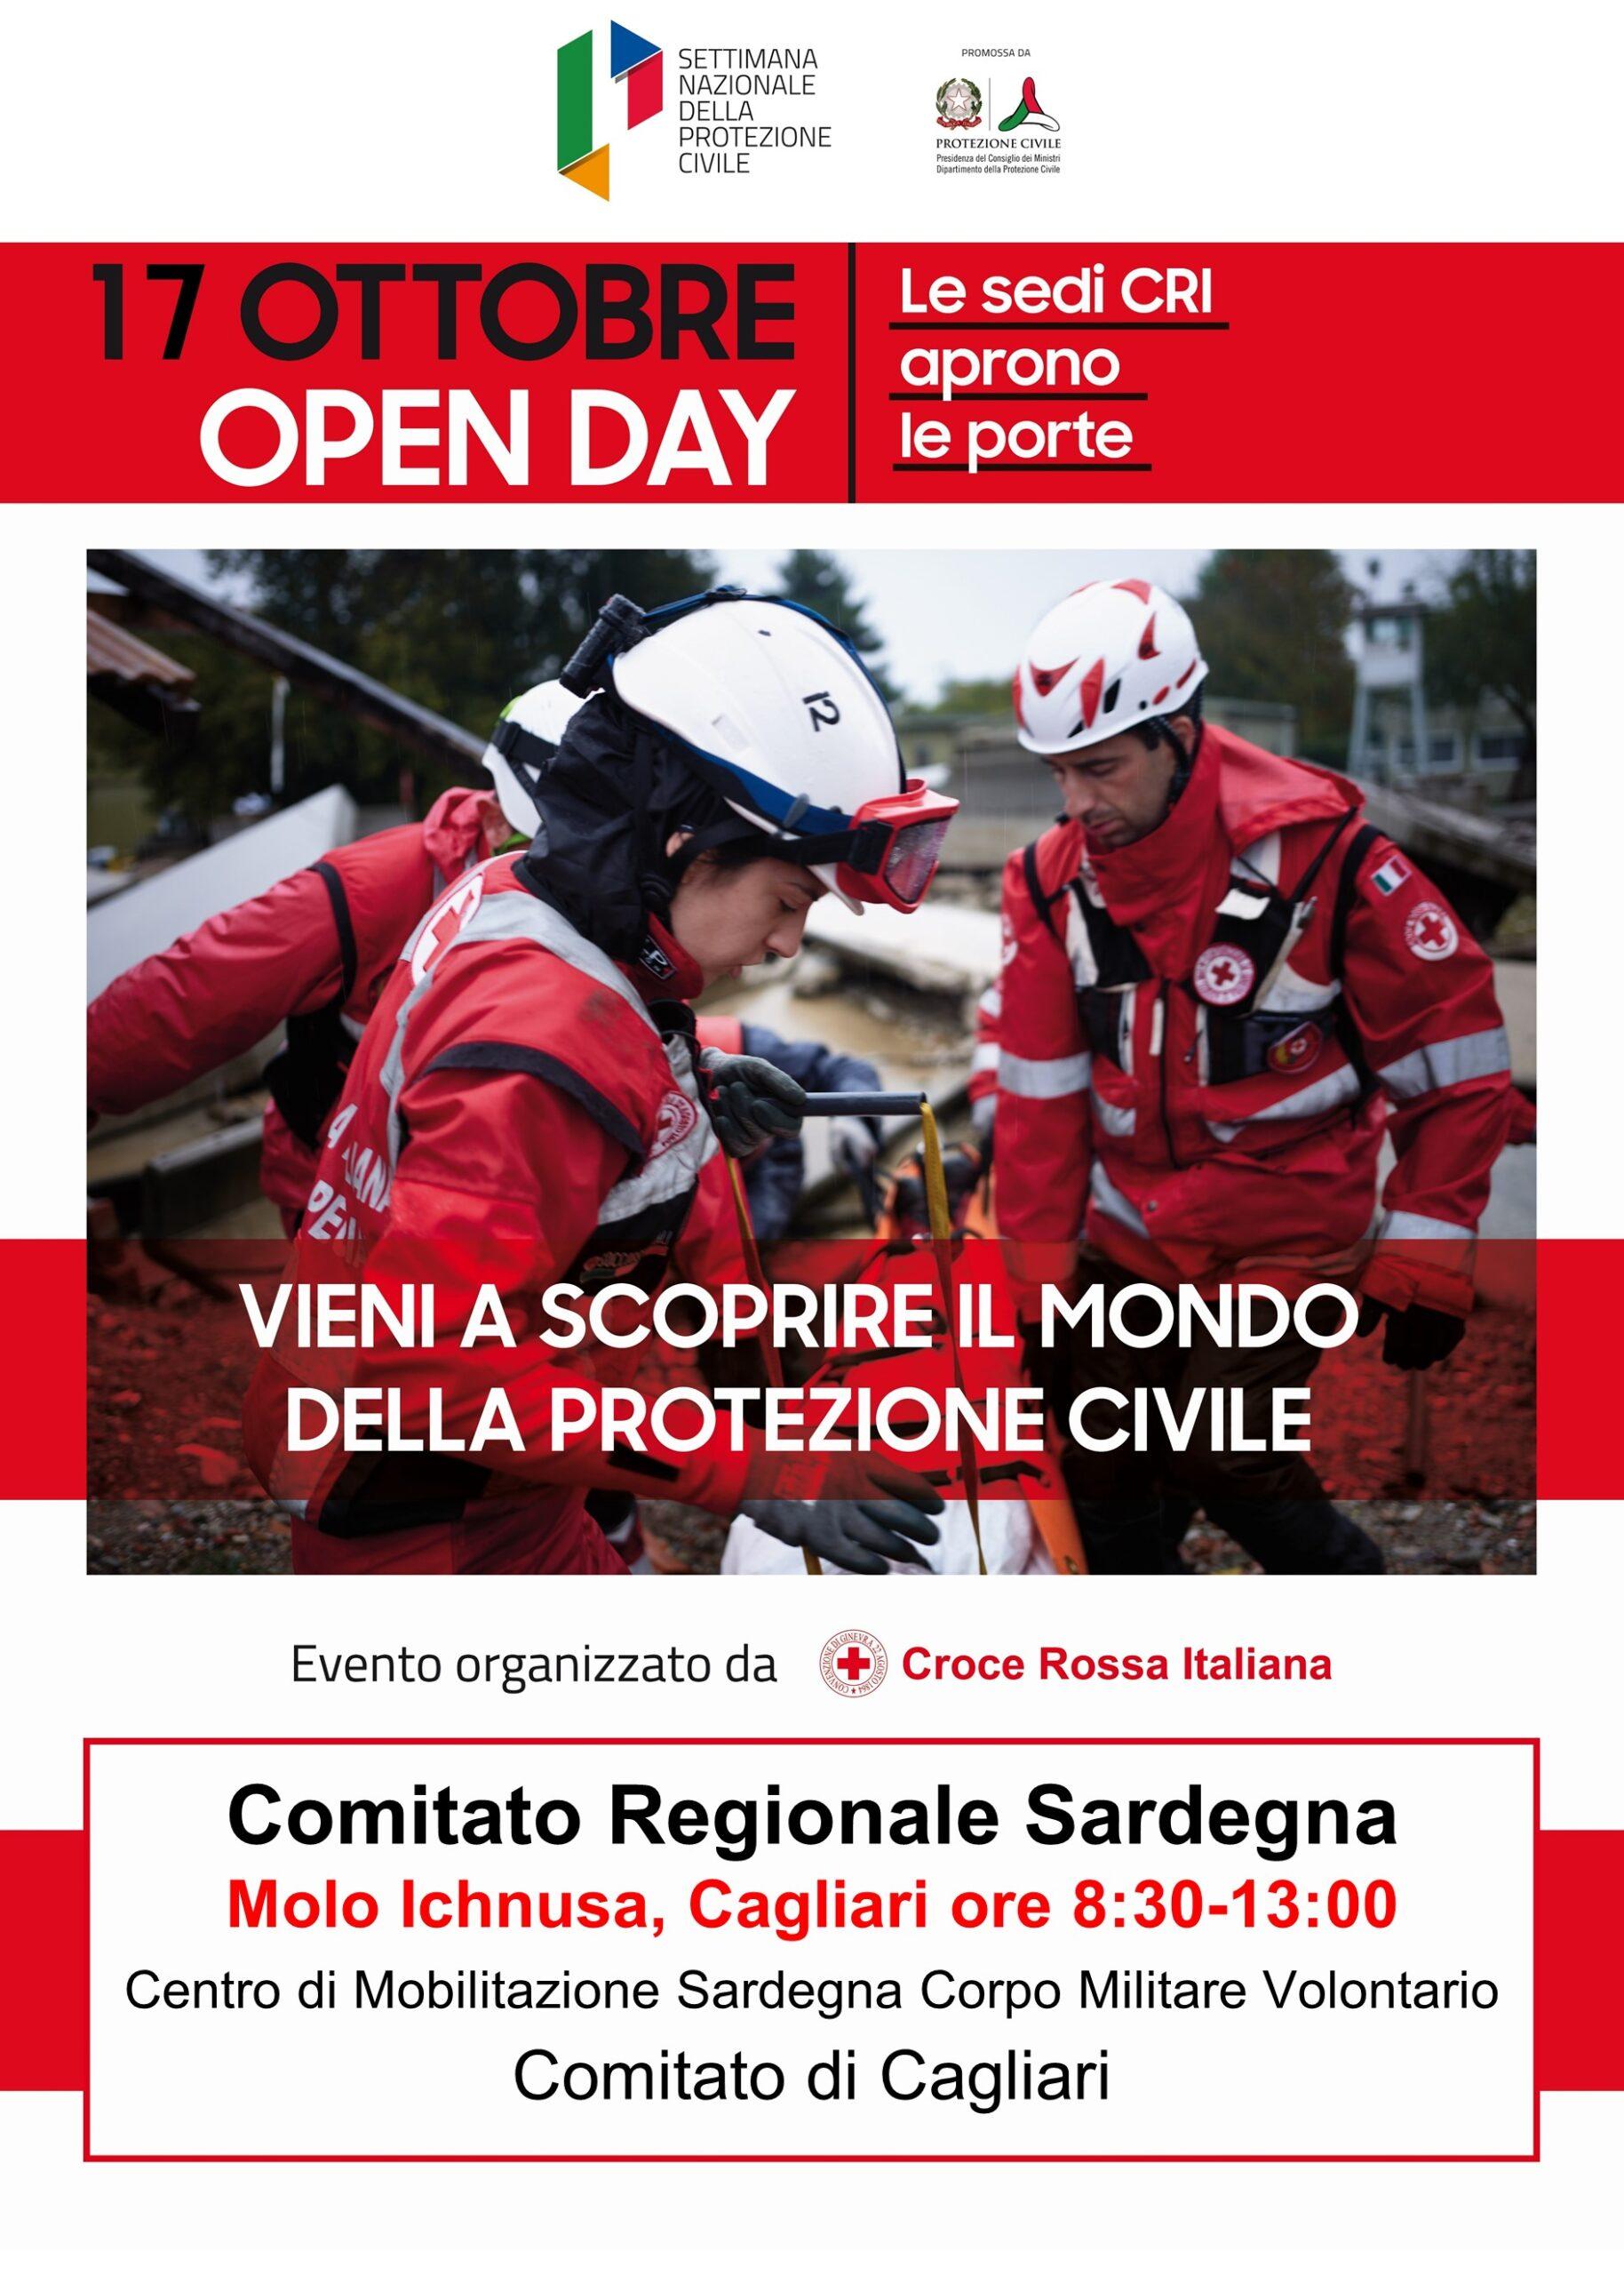 Settimana_Protezione_Civile_Sardegna__1_